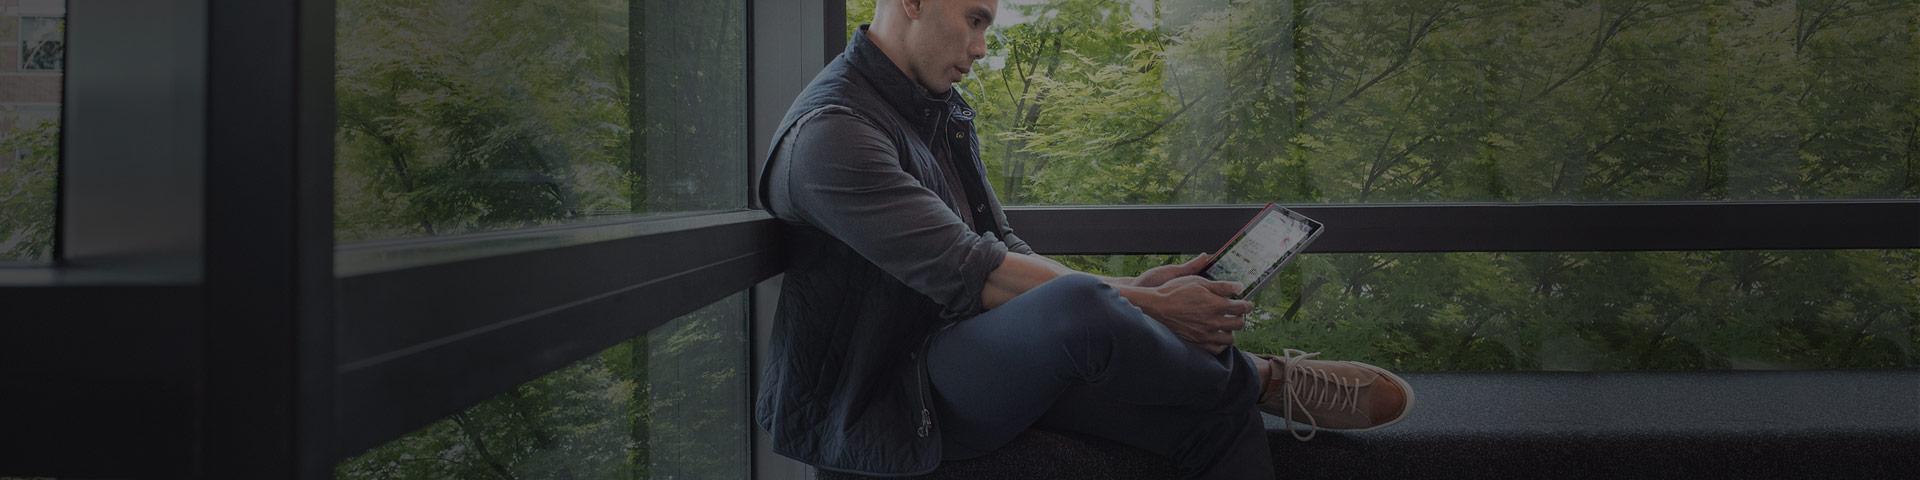 En mand sidder på en bænk og kigger på den enhed, han har i hånden